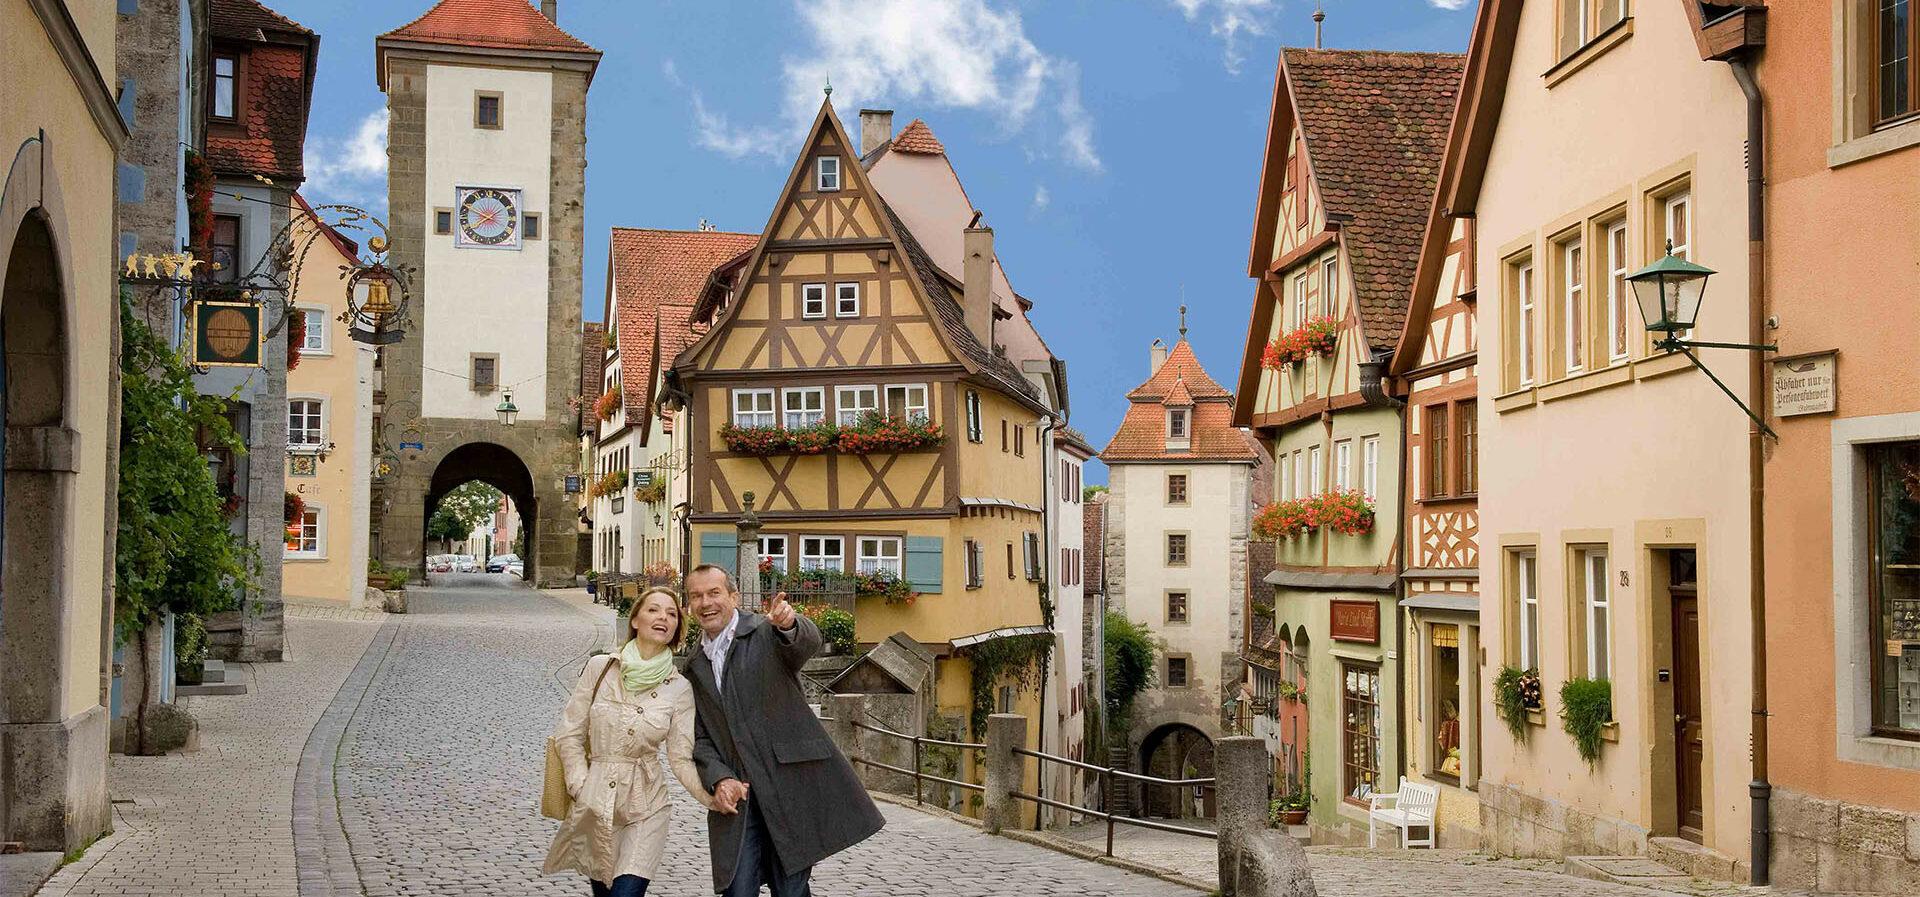 Akzent Hotel Restaurant Schranne Rothenburg Ob Der Tauber